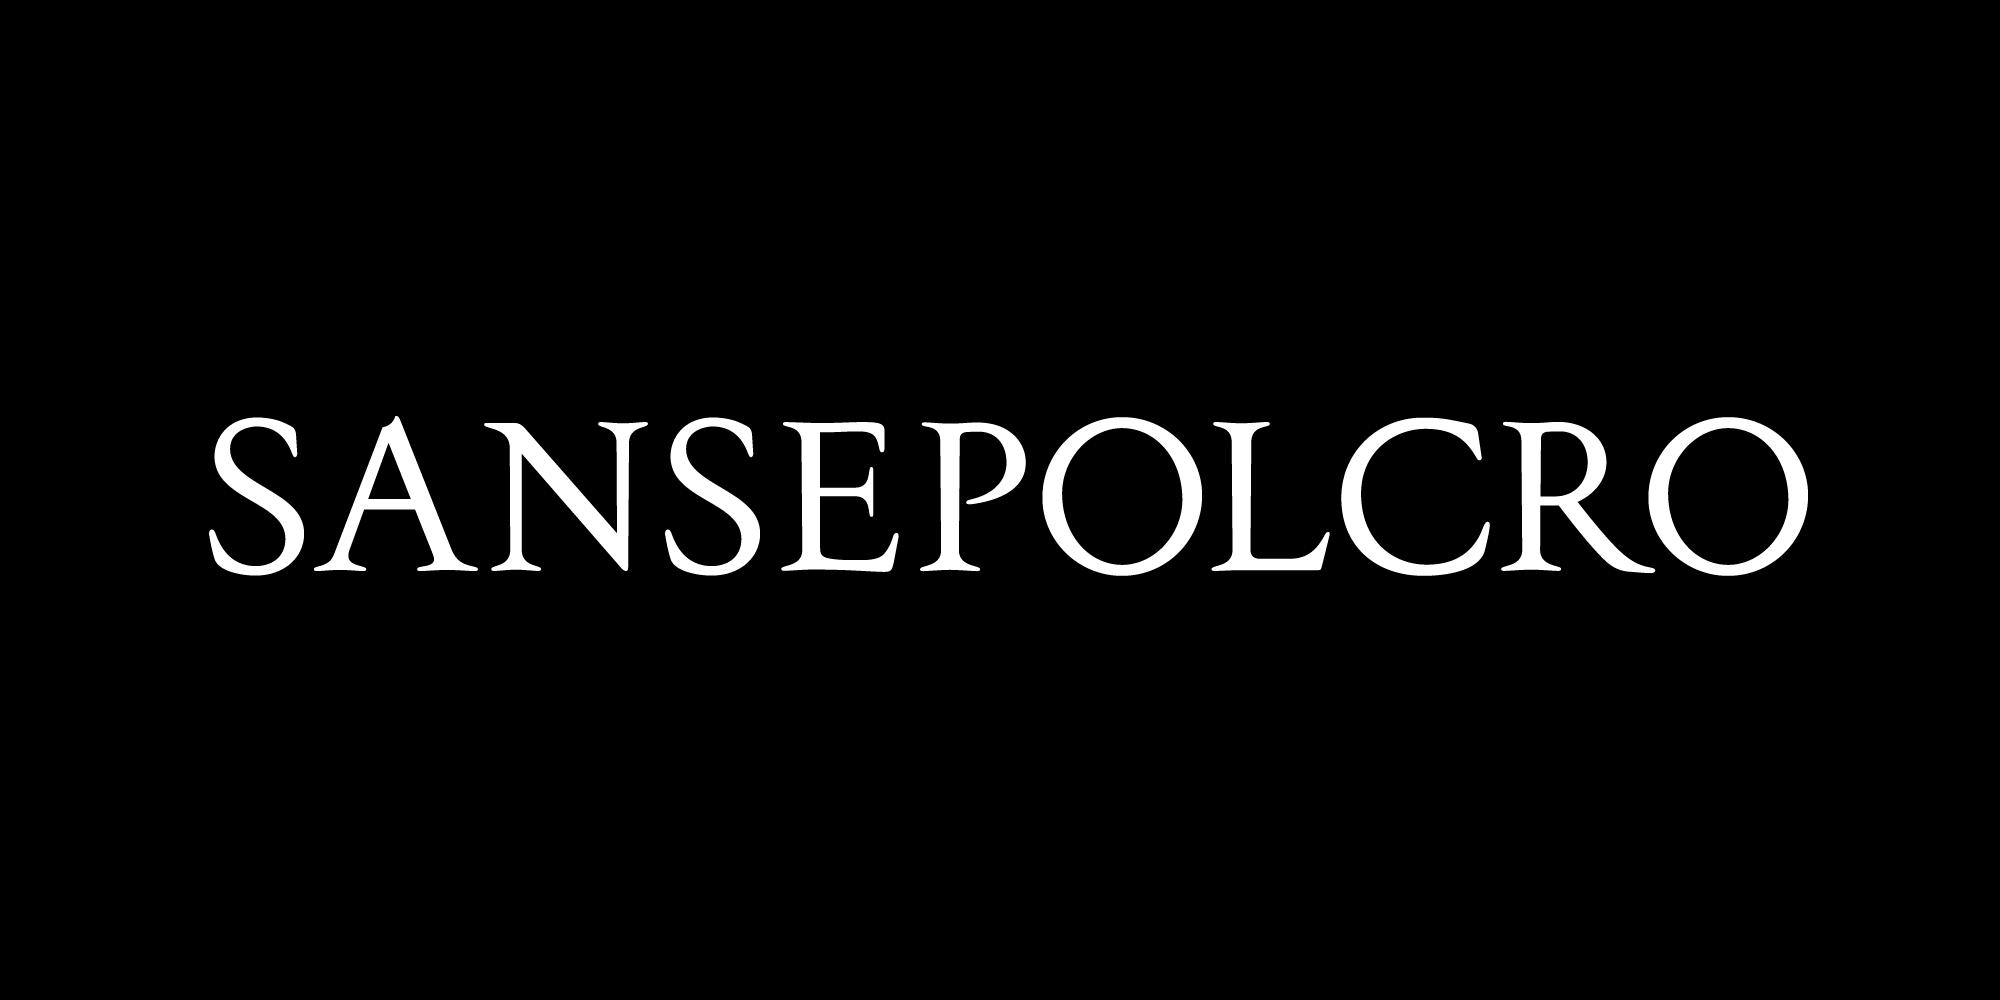 Sansepolcro font nameplate